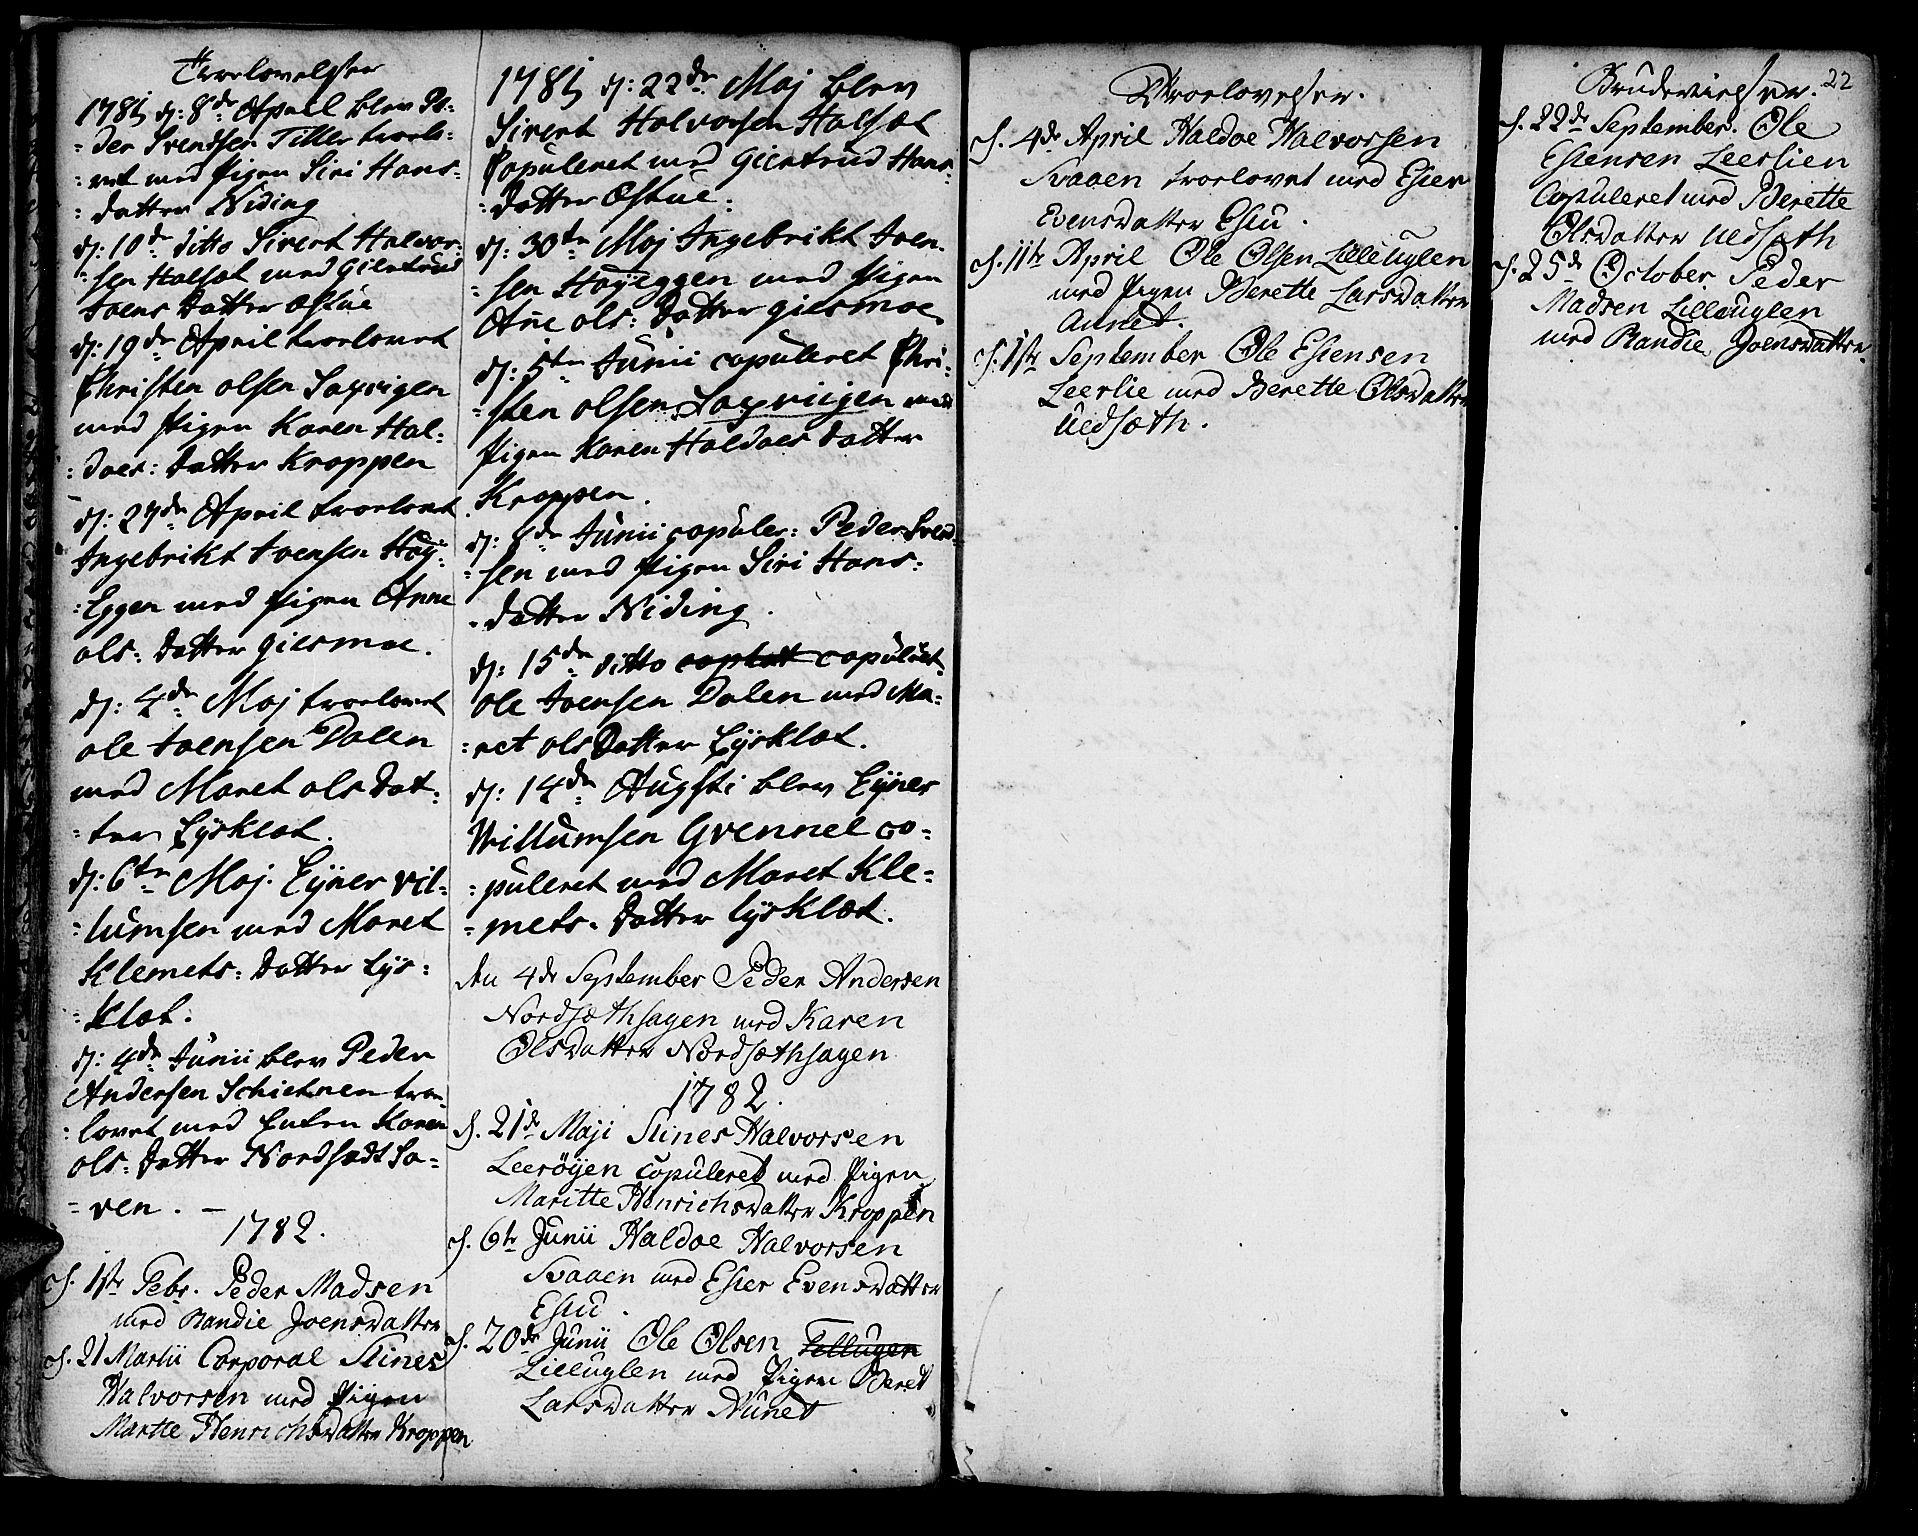 SAT, Ministerialprotokoller, klokkerbøker og fødselsregistre - Sør-Trøndelag, 618/L0437: Ministerialbok nr. 618A02, 1749-1782, s. 22